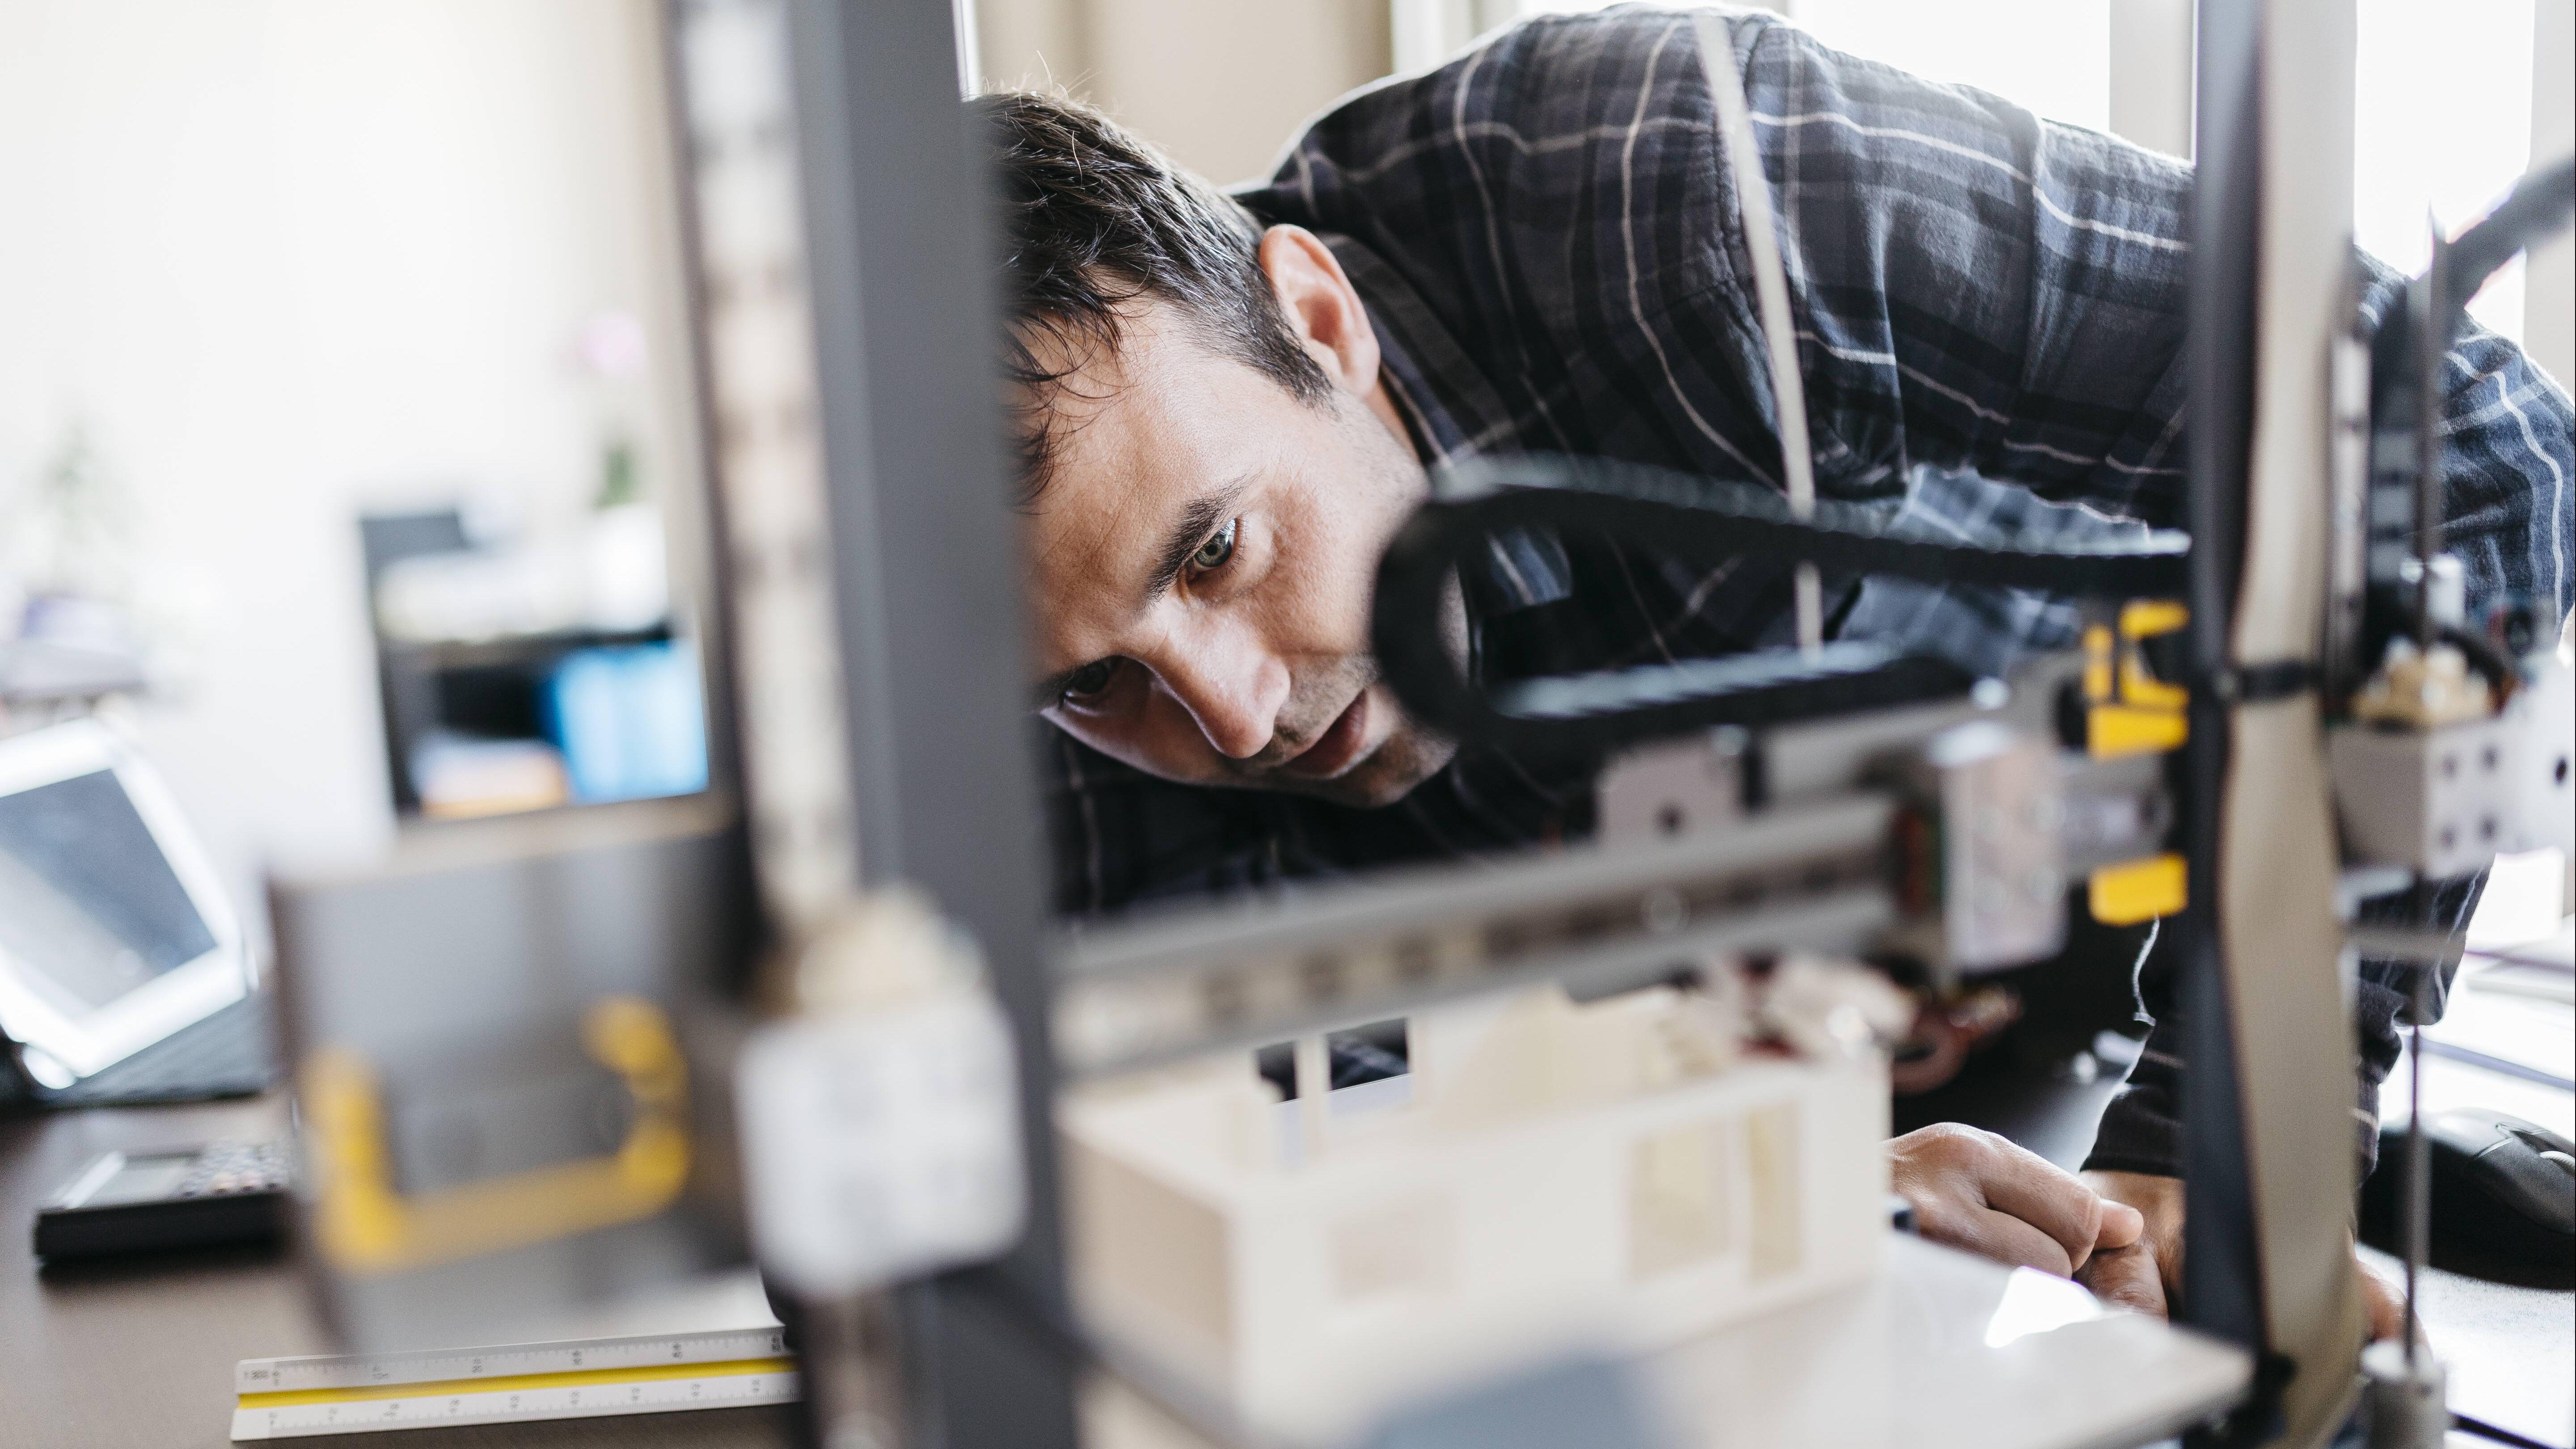 Warping beim 3D-Druck verhindern Sie mithilfe entsprechender Maßnahmen.